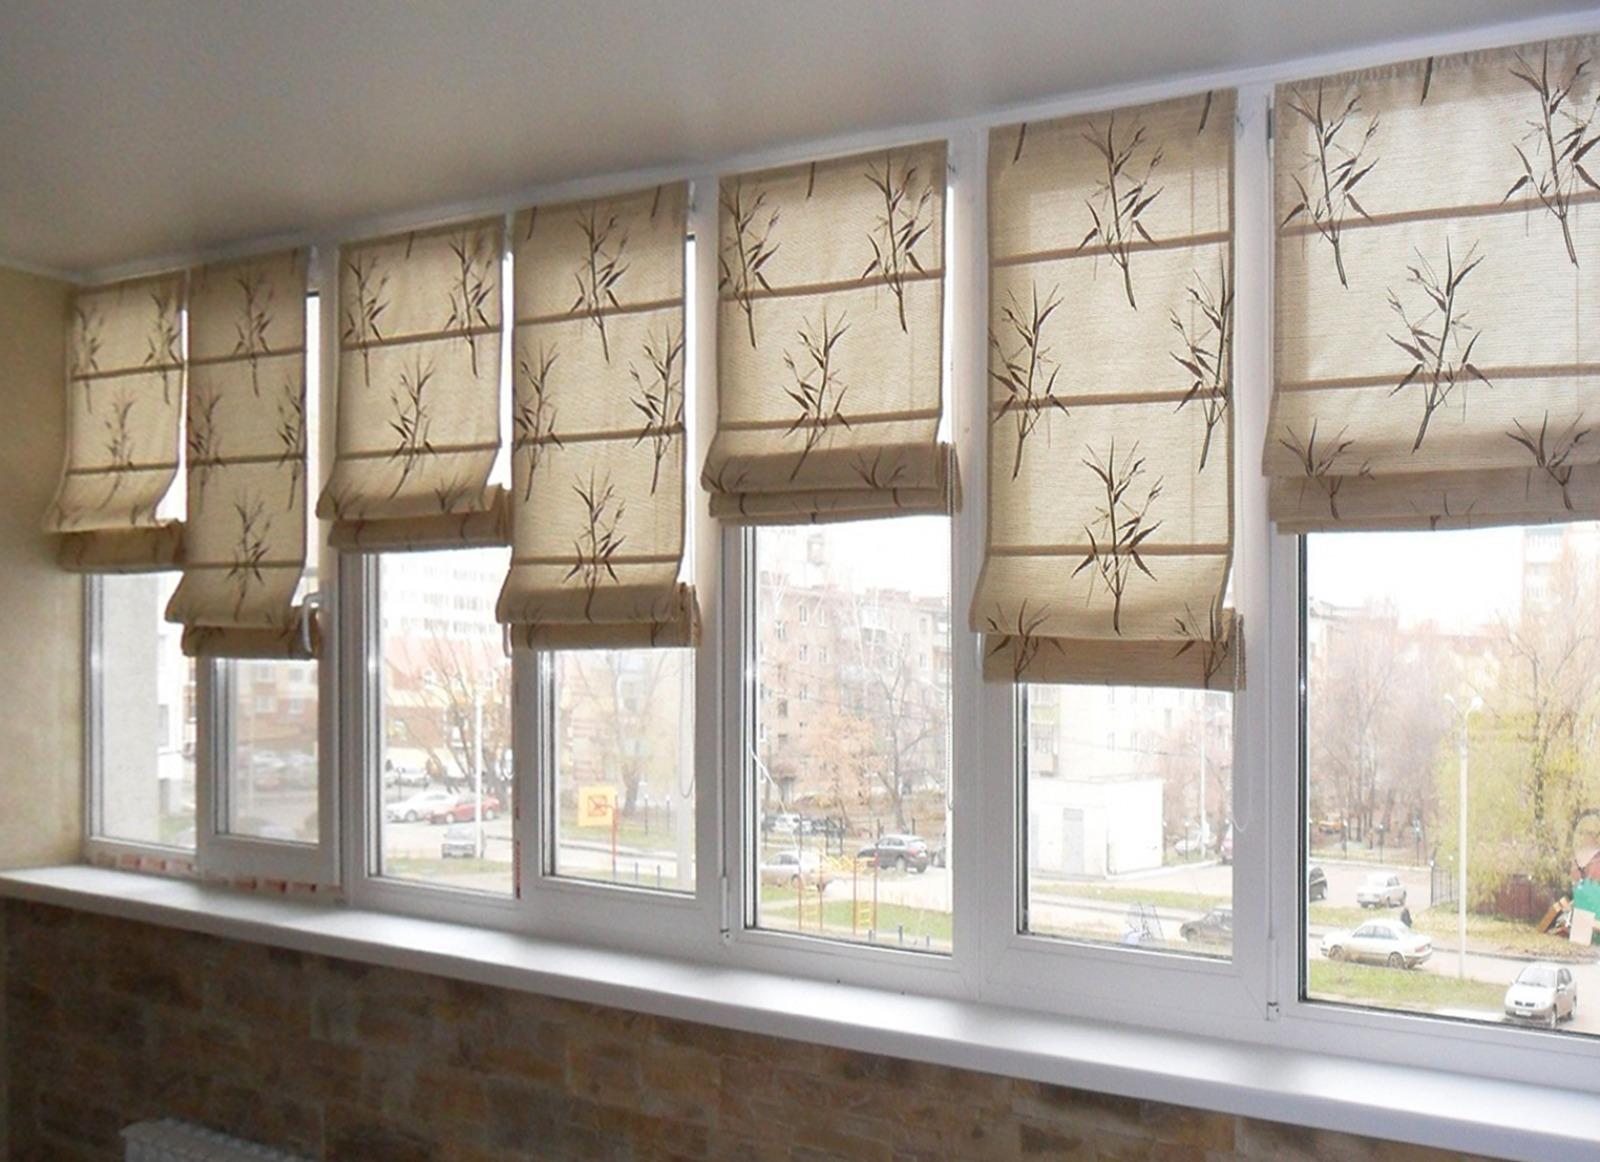 Дизайн штор на балкон, фото интересных решений для занавесок.